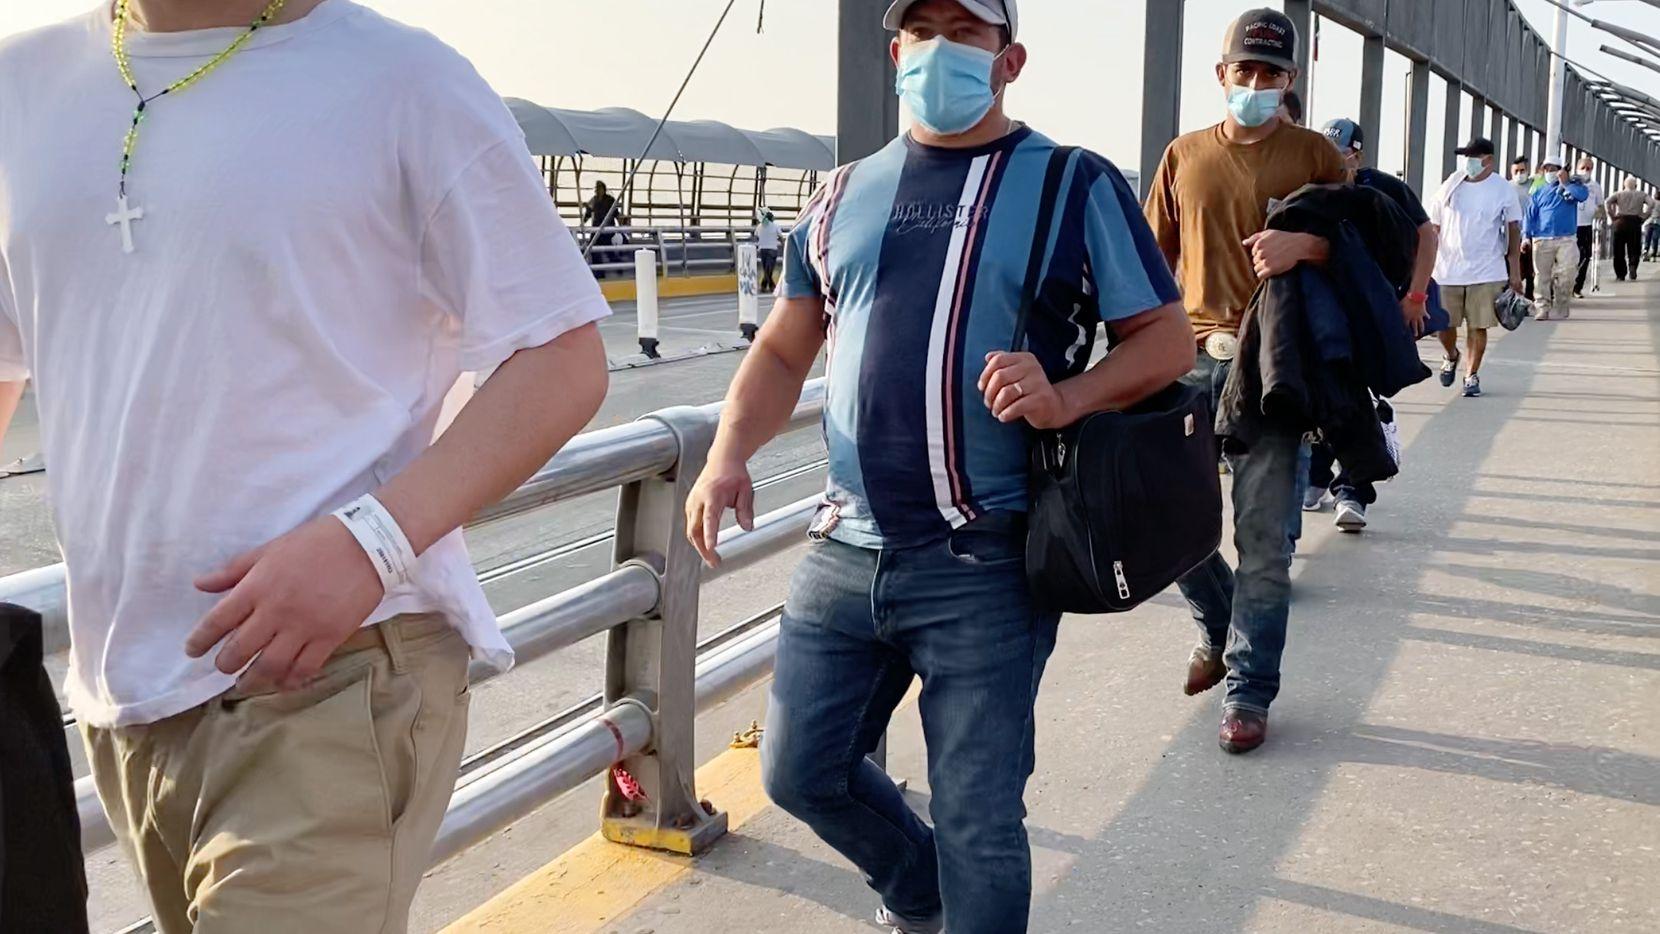 Con la excusa del coronavirus, 200 mil inmigrantes han sido expulsados por el gobierno de Trump El Paso. Agencias.